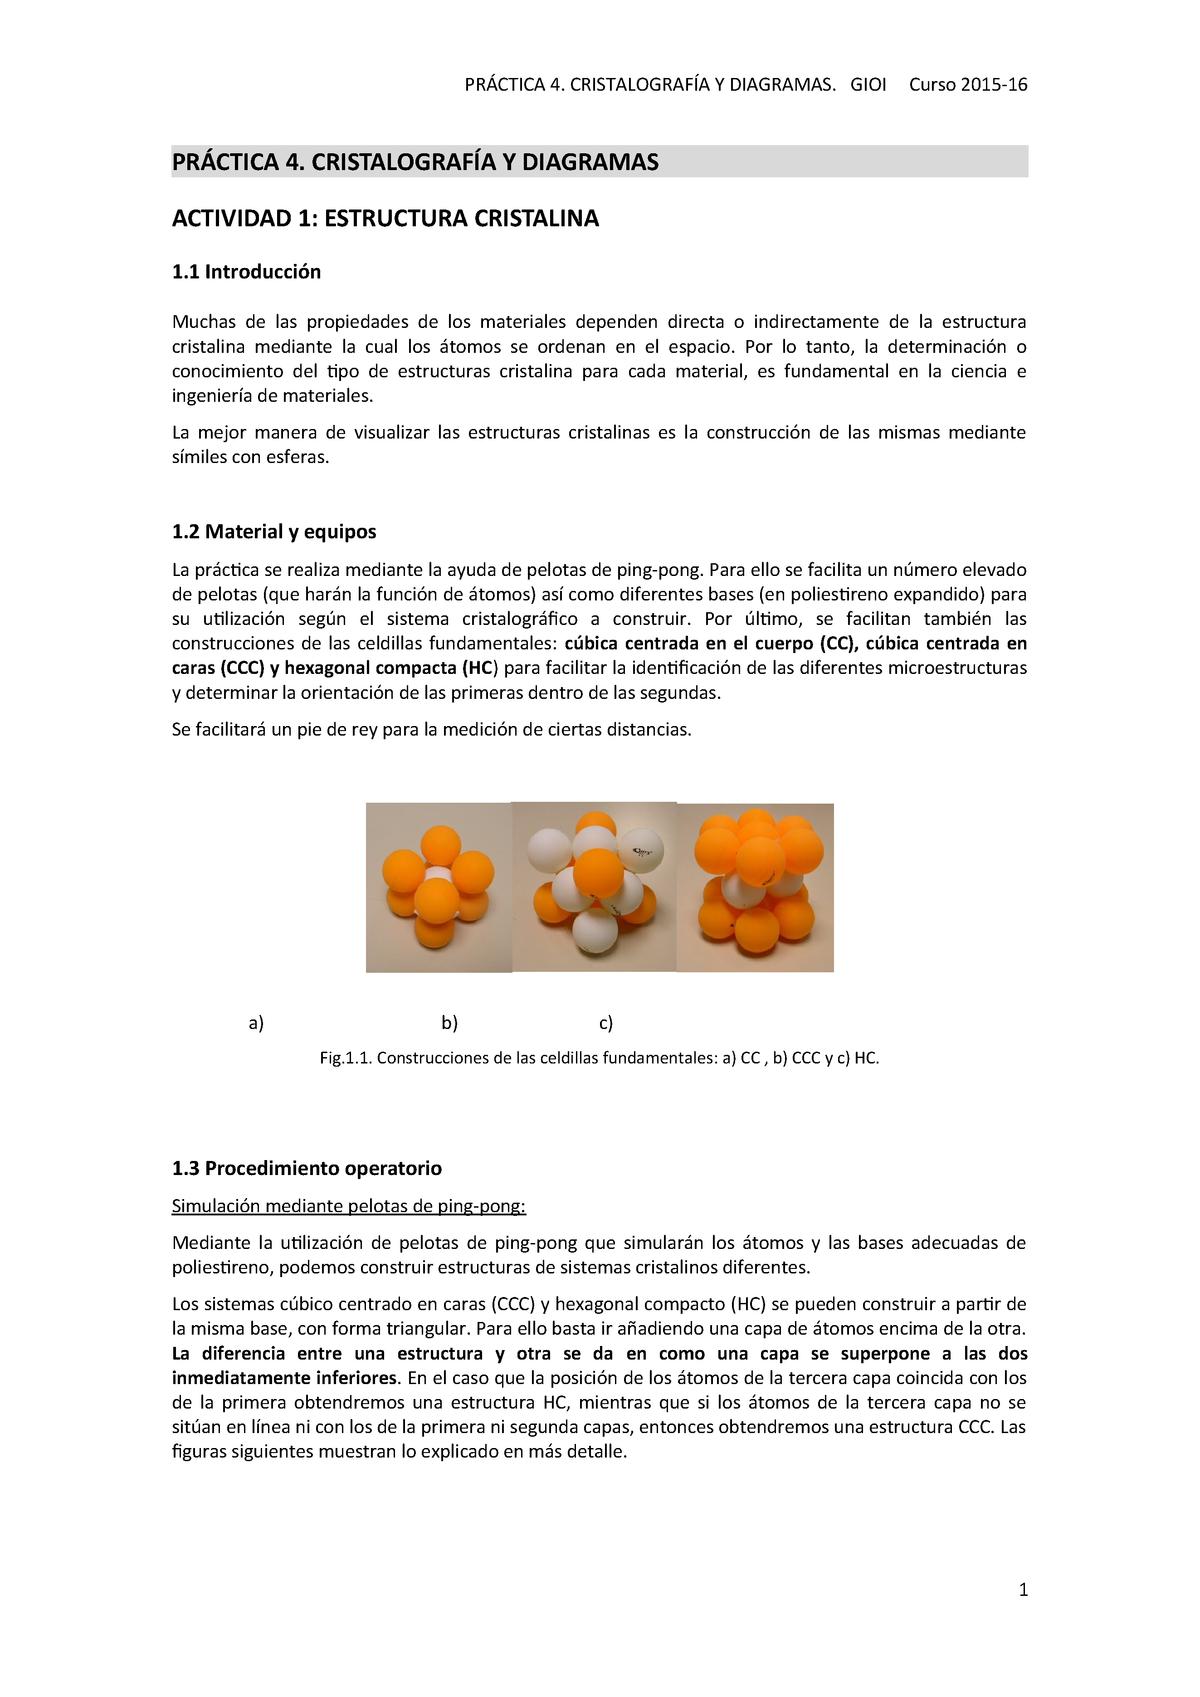 Práctica 4 Cristalografia Ciencia De Materiales 11411